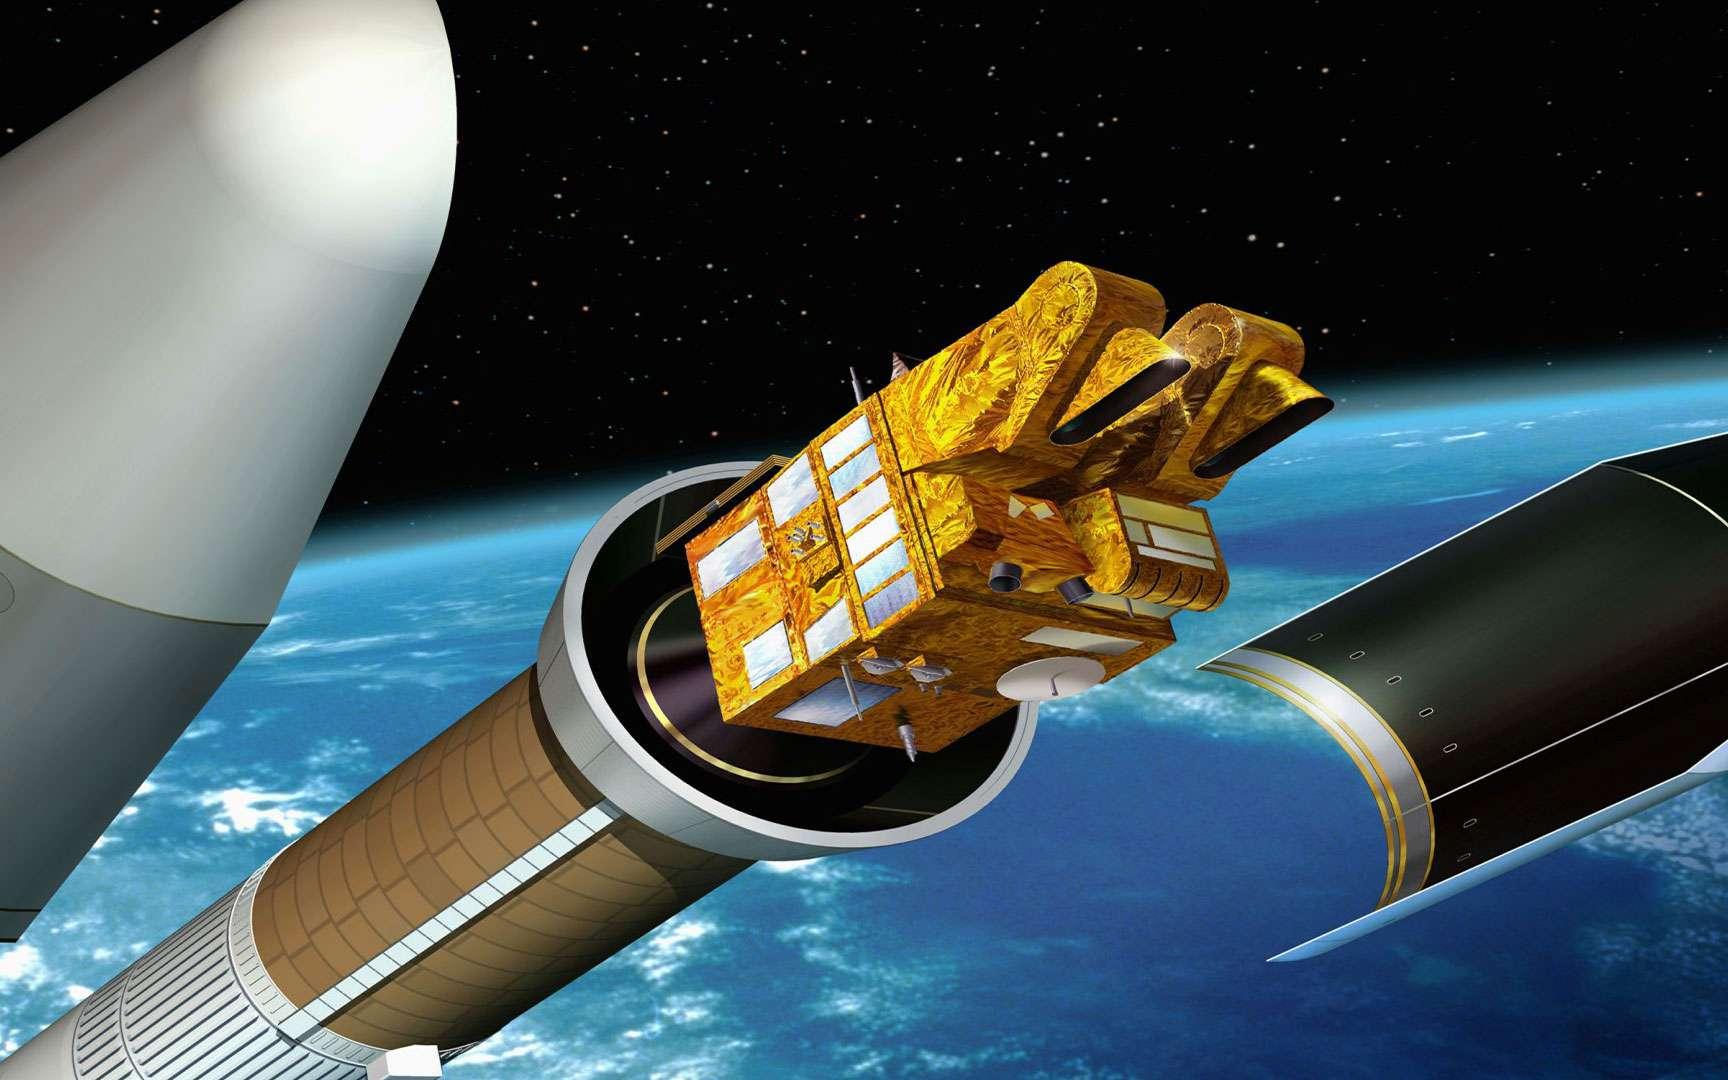 Le satellite Spot 5 se sépare du lanceur Ariane 4. Illustration du satellite Spot 5 au moment de la séparation de la coiffe du lanceur Ariane 4. Le satellite d'observation de la Terre Spot 5 a été placé en orbite dans la nuit du 3 au 4 mai 2002 par le lanceur Ariane 42P. © Cnes/ill./DUCROS David, 2002